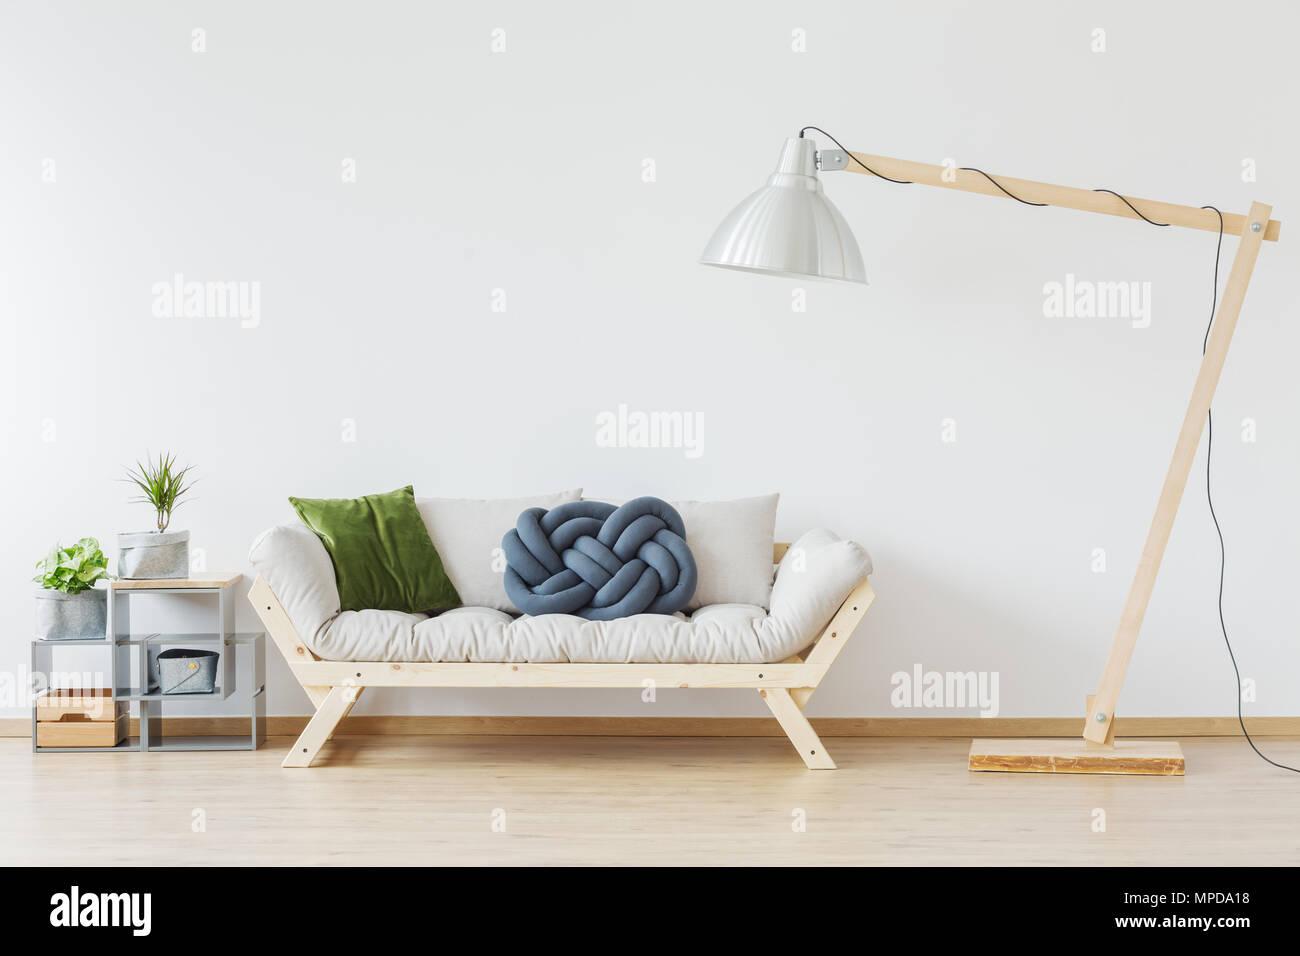 In legno divano elegante in stile moderno nordic appartamento